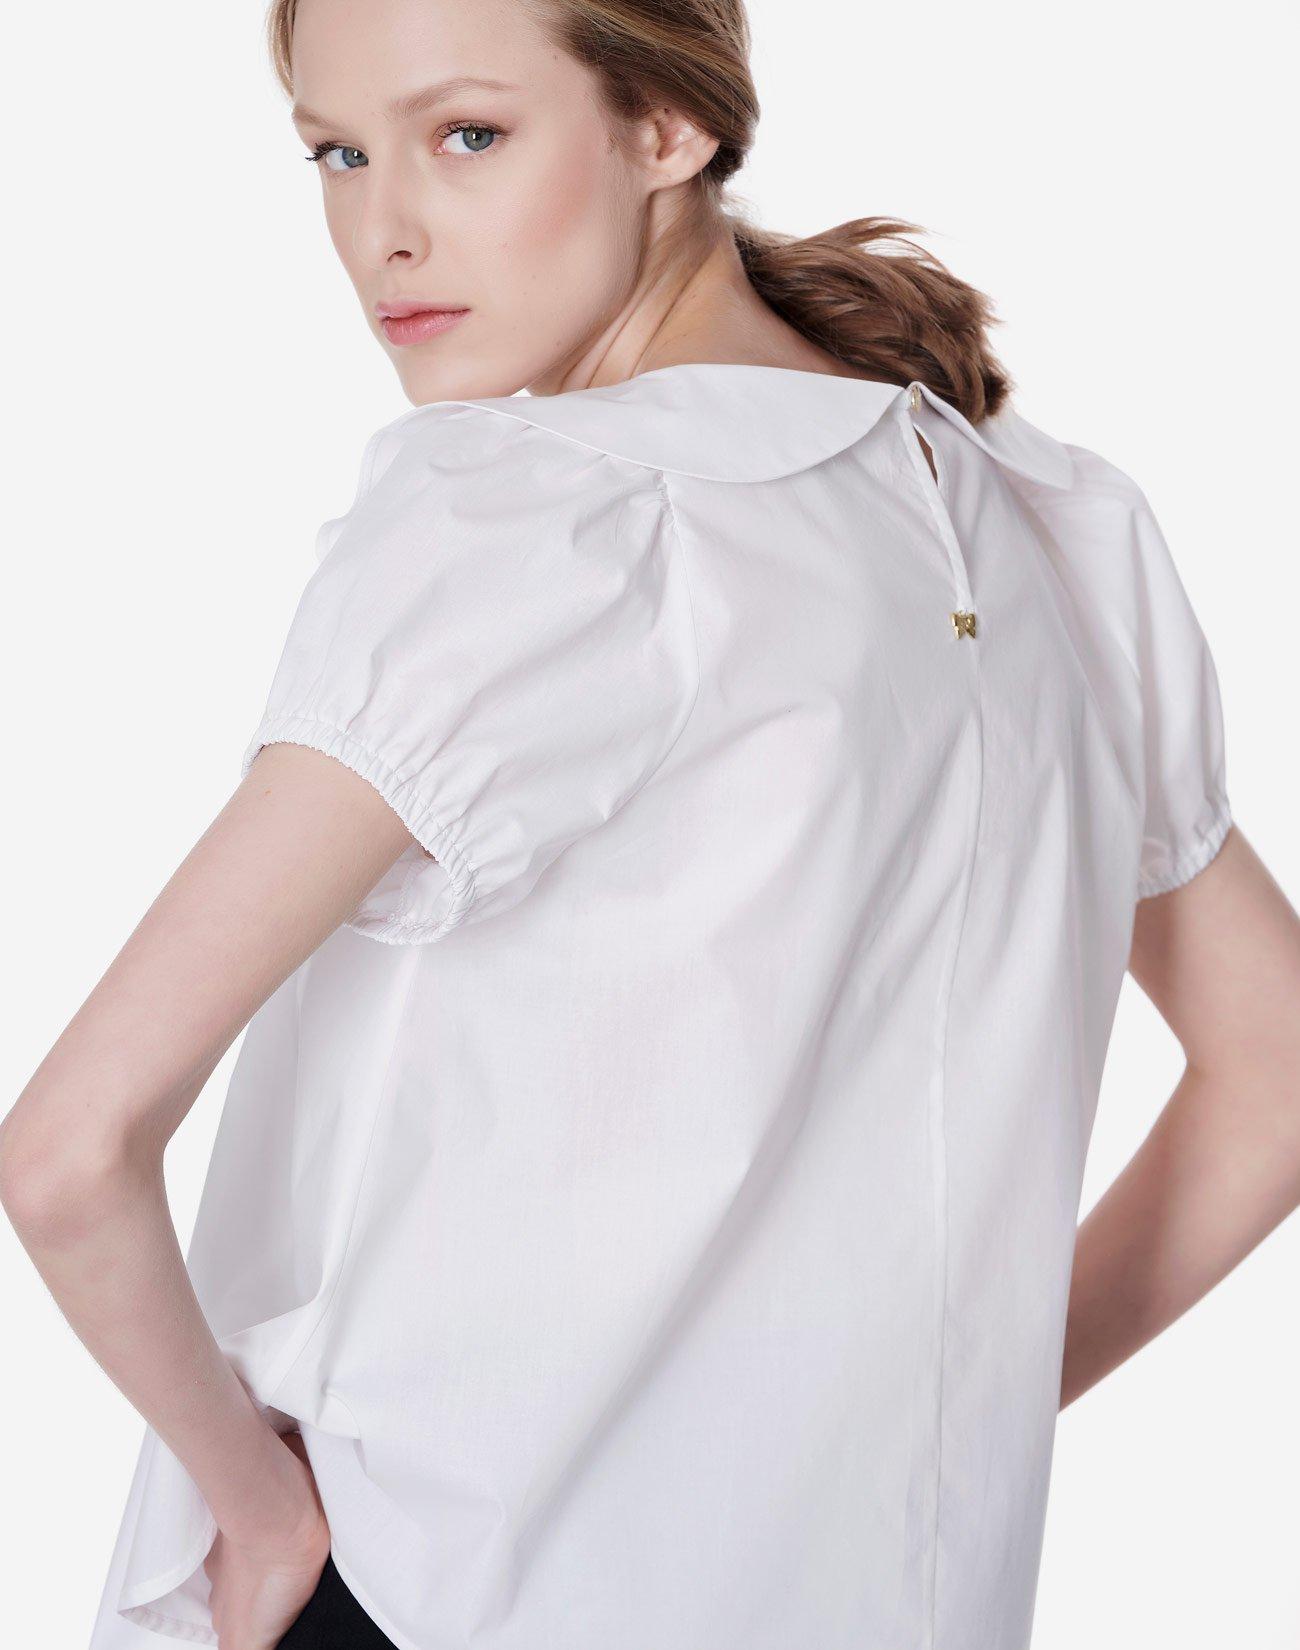 Μπλούζα με βολάν